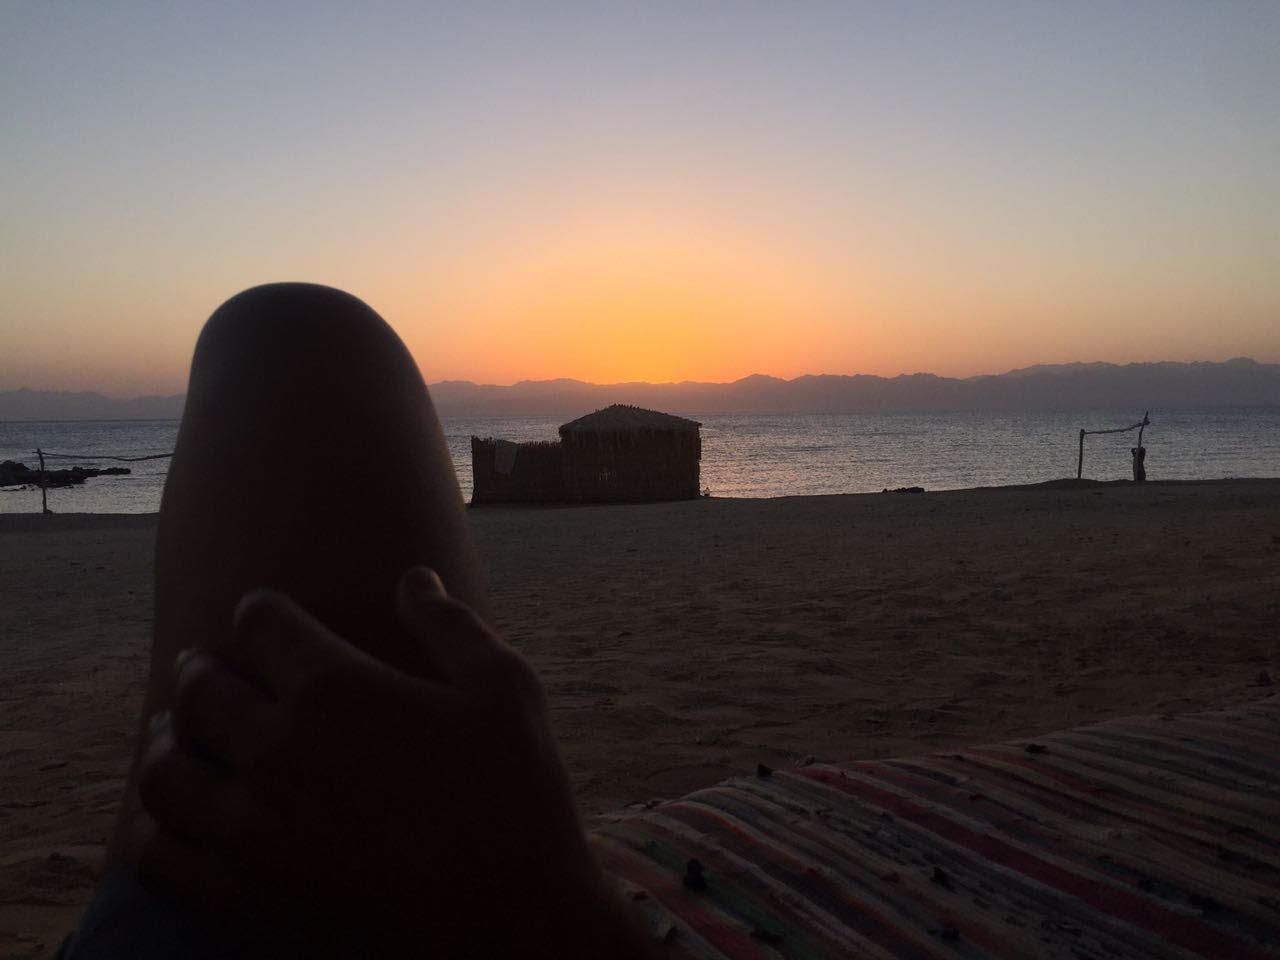 זיקוקים - הבלוג של דקלה מלמוד - סיני